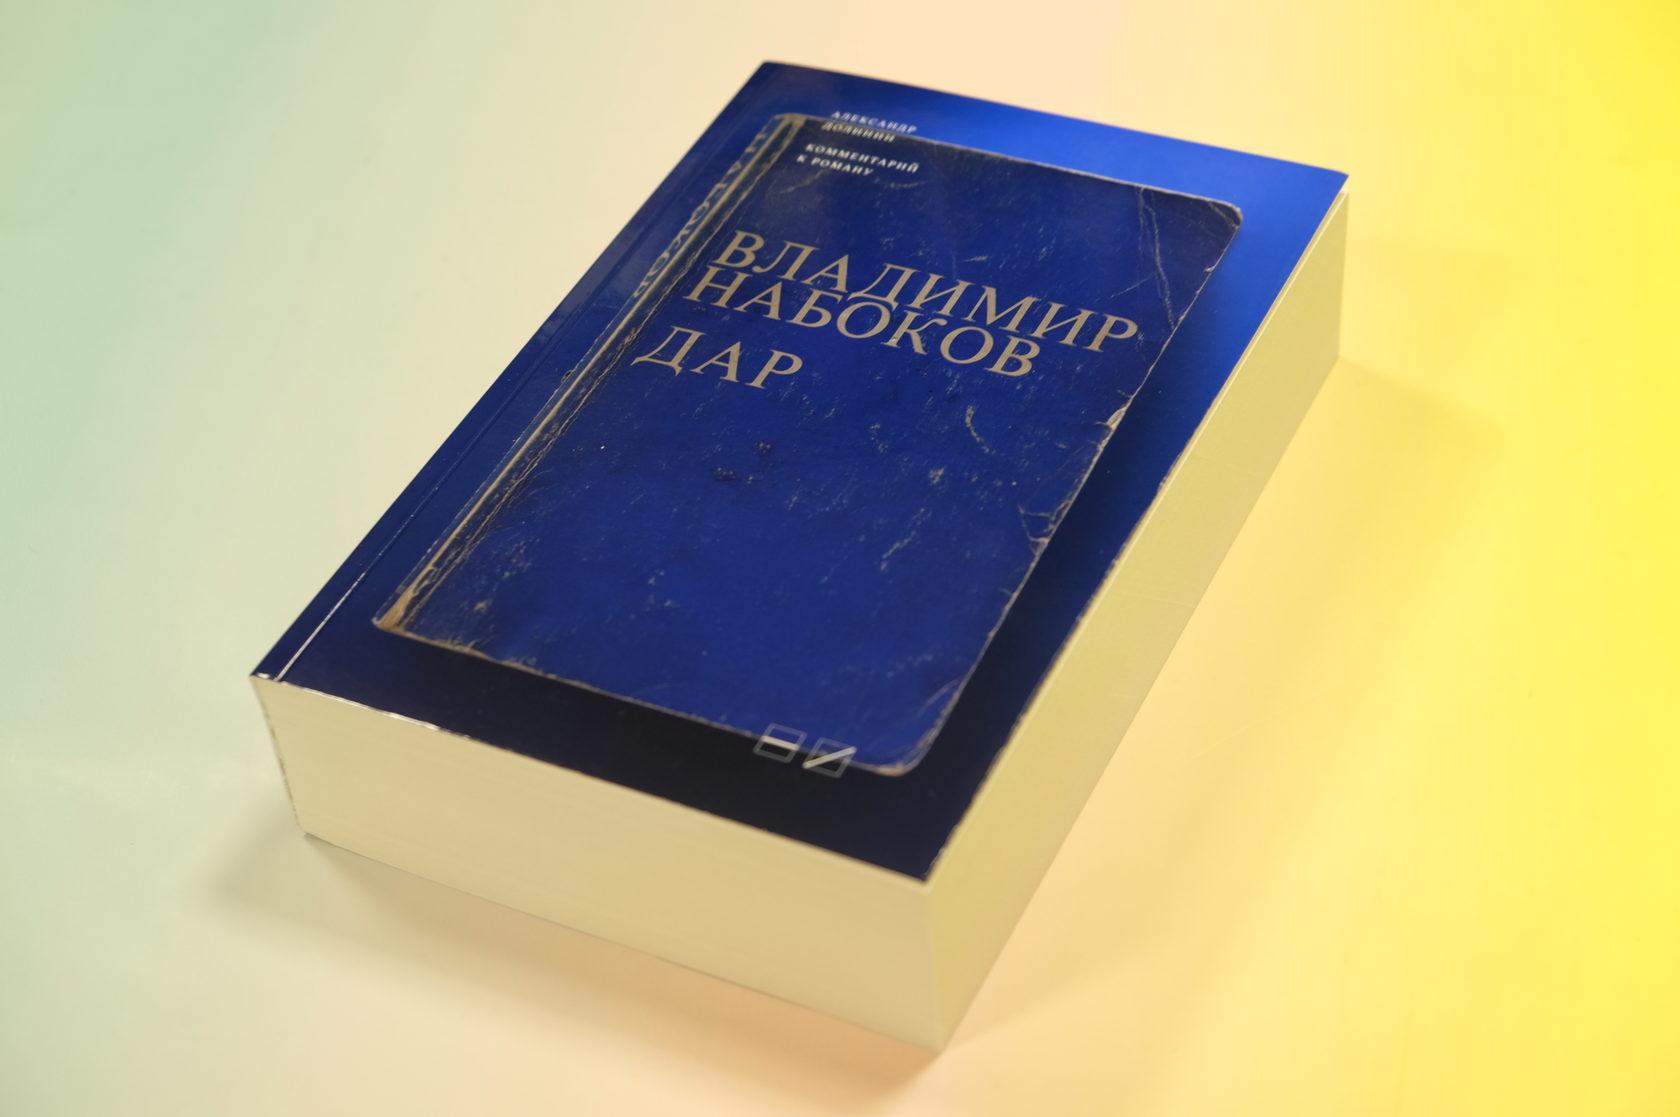 """Александр Долинин «Комментарий к роману Владимира Набокова """"Дар""""»"""